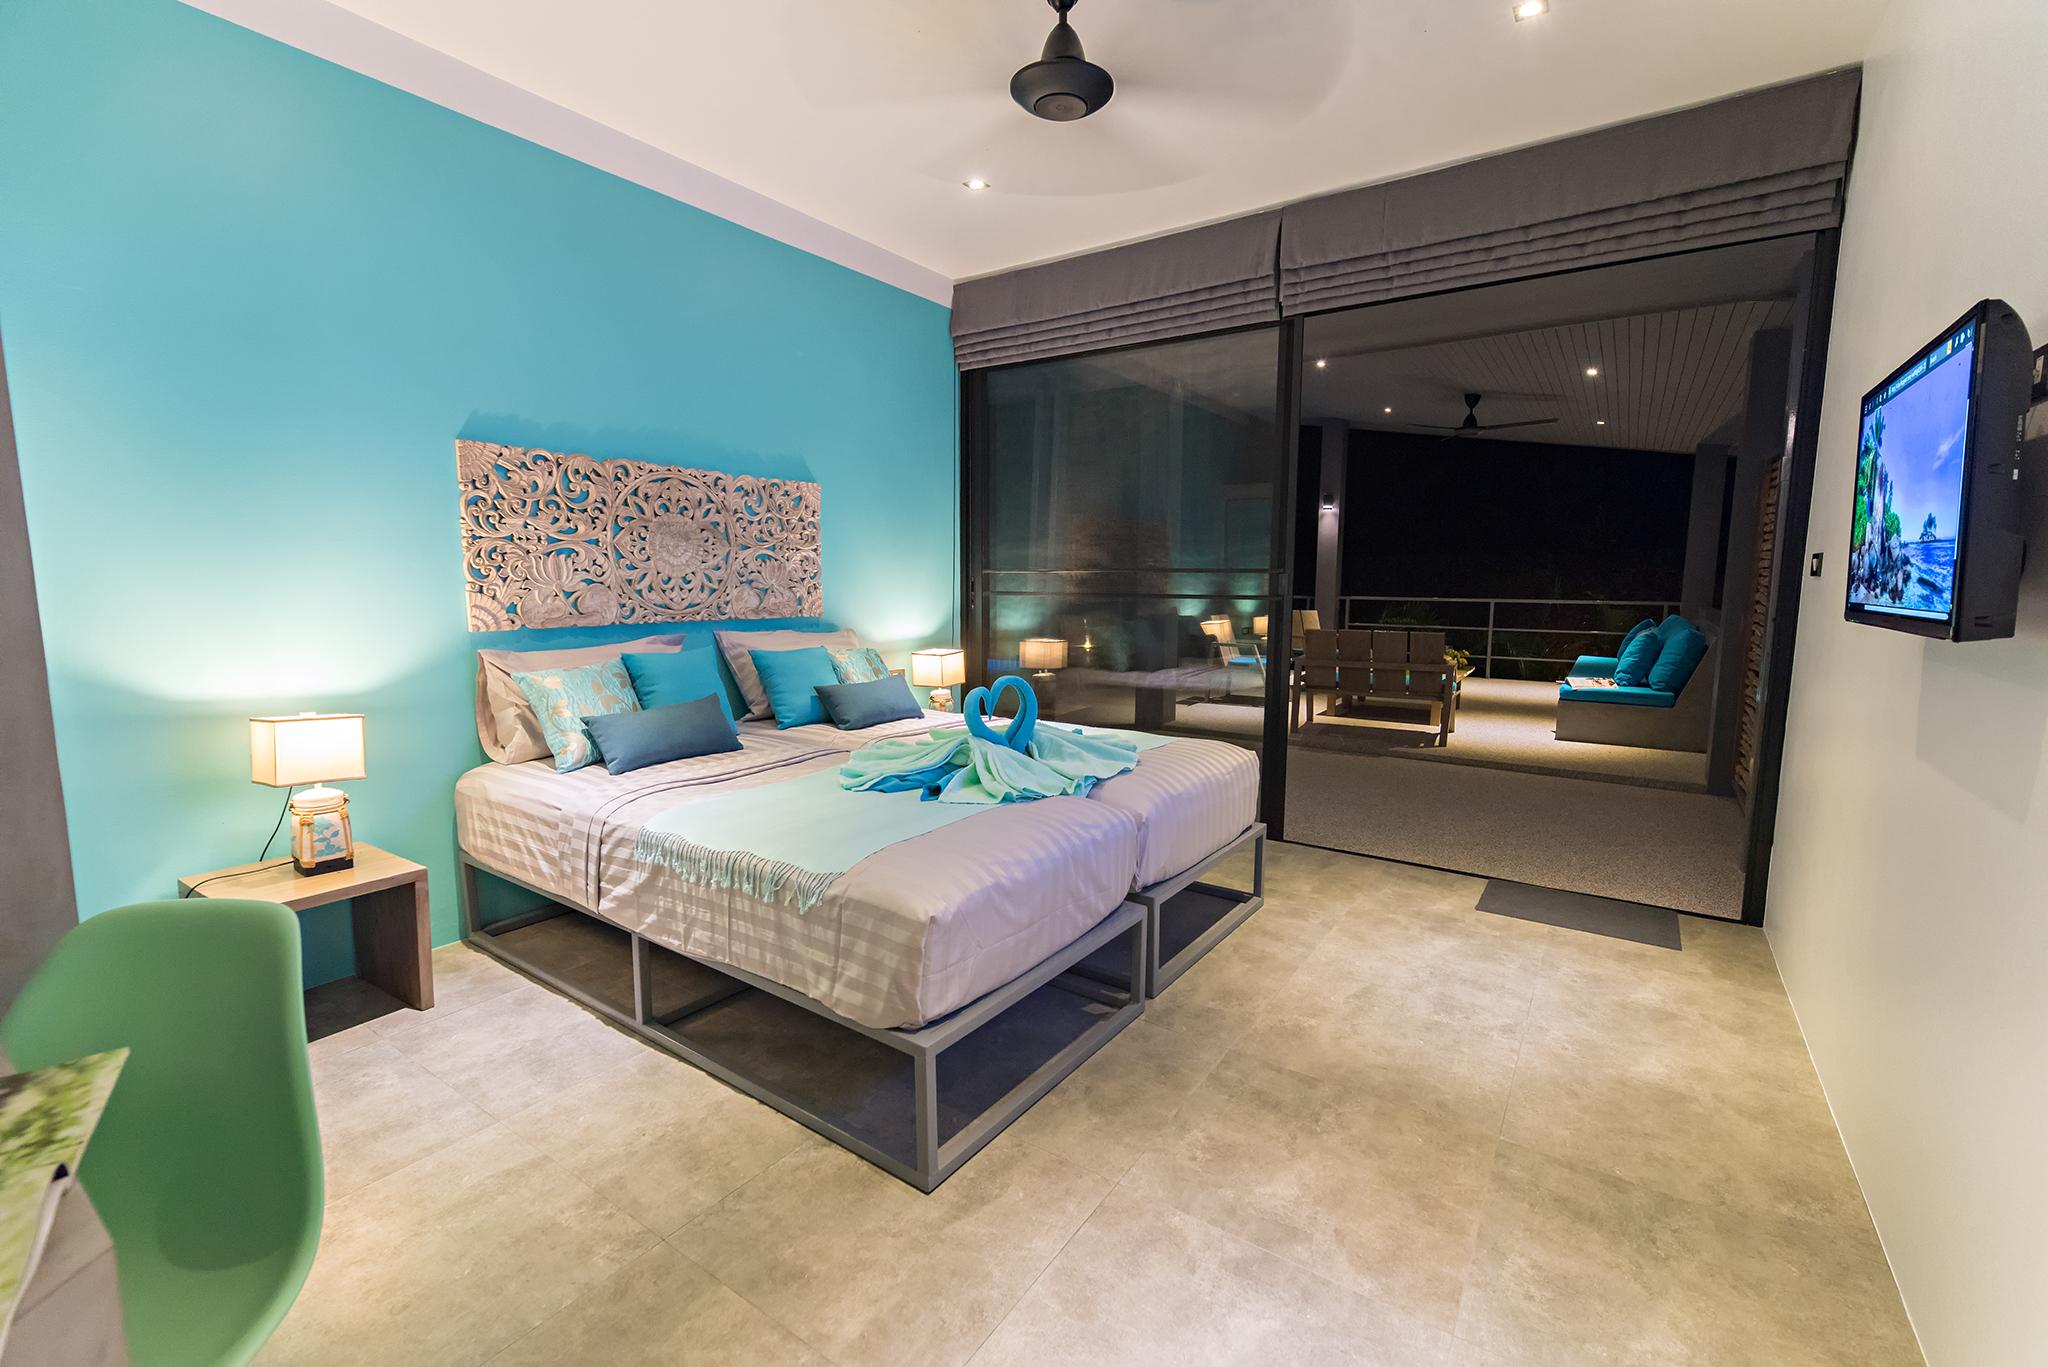 Lagoon blue bedroom n°4 Baan Sawadee villa Koh Samui